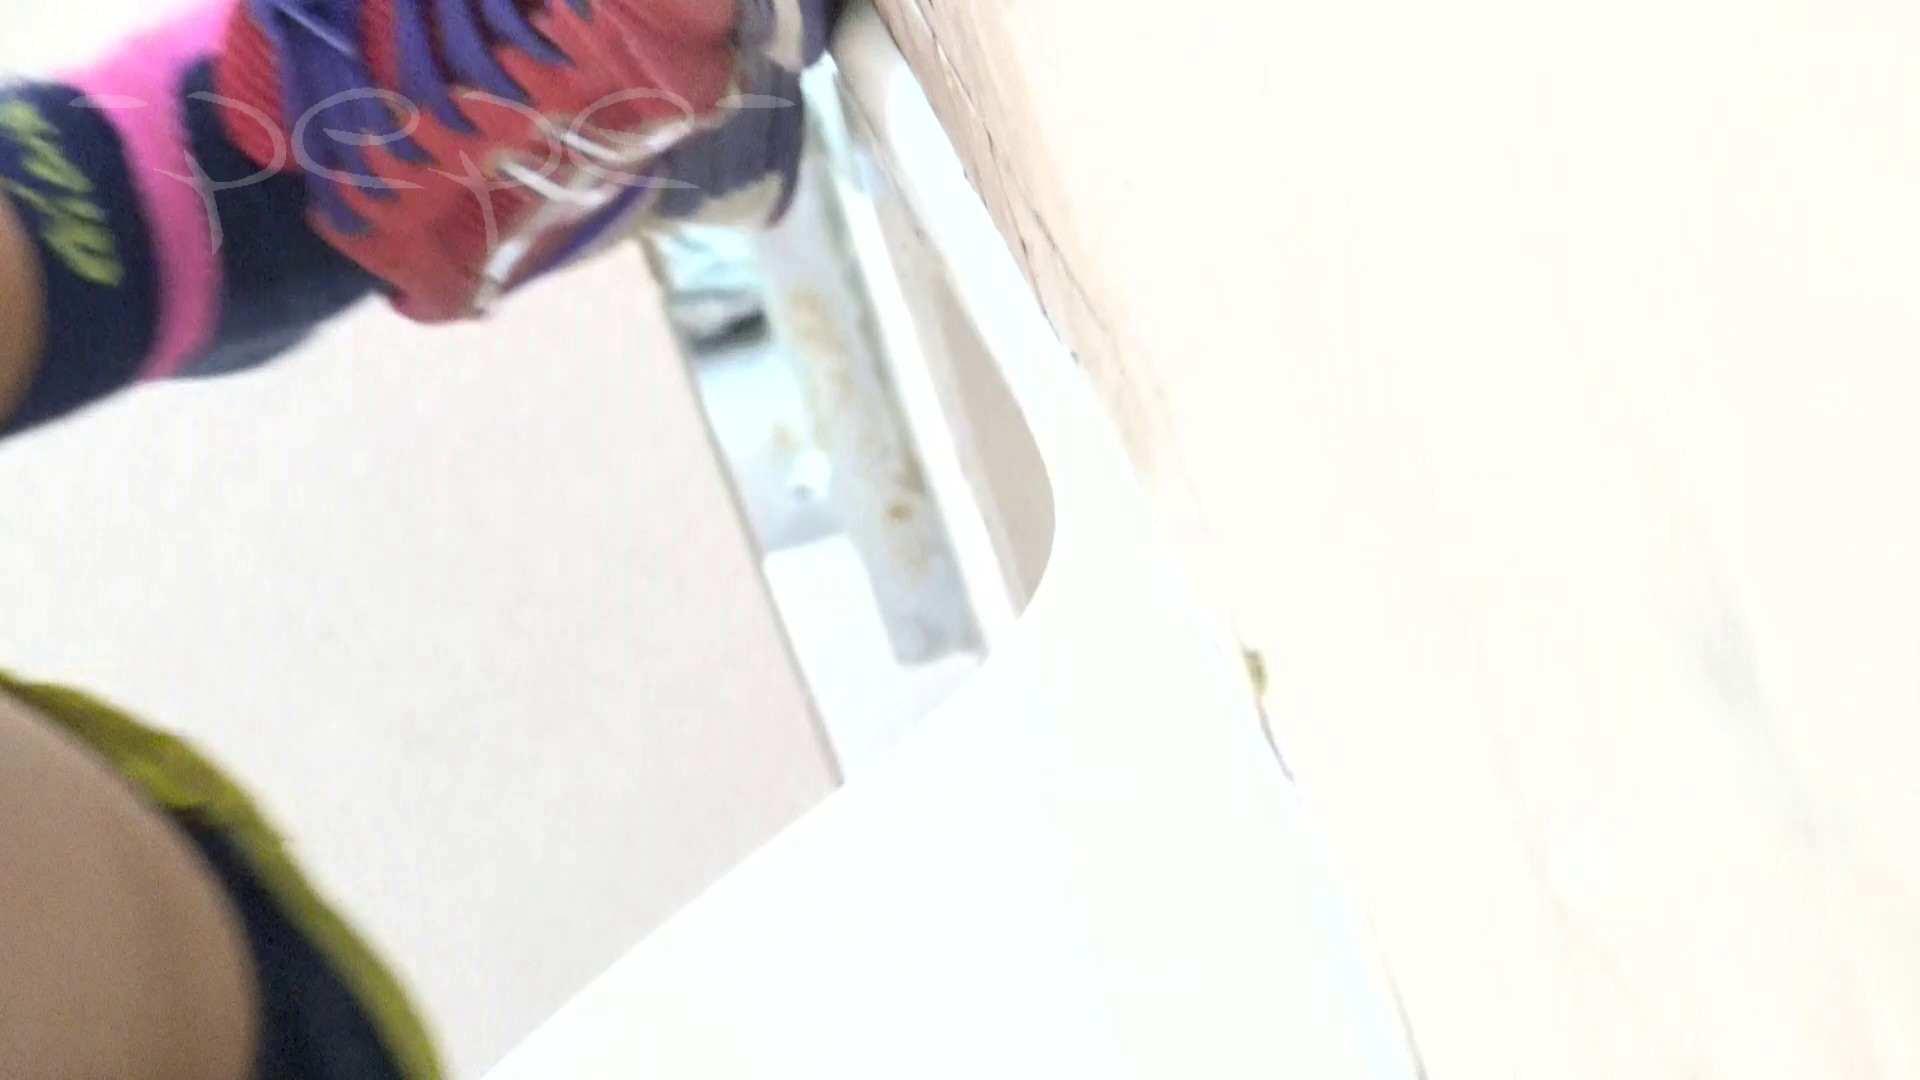 ▲期間限定D▲至高洗面所盗撮 16 極上体育館2カメ撮り!! 高画質 ワレメ無修正動画無料 112画像 44